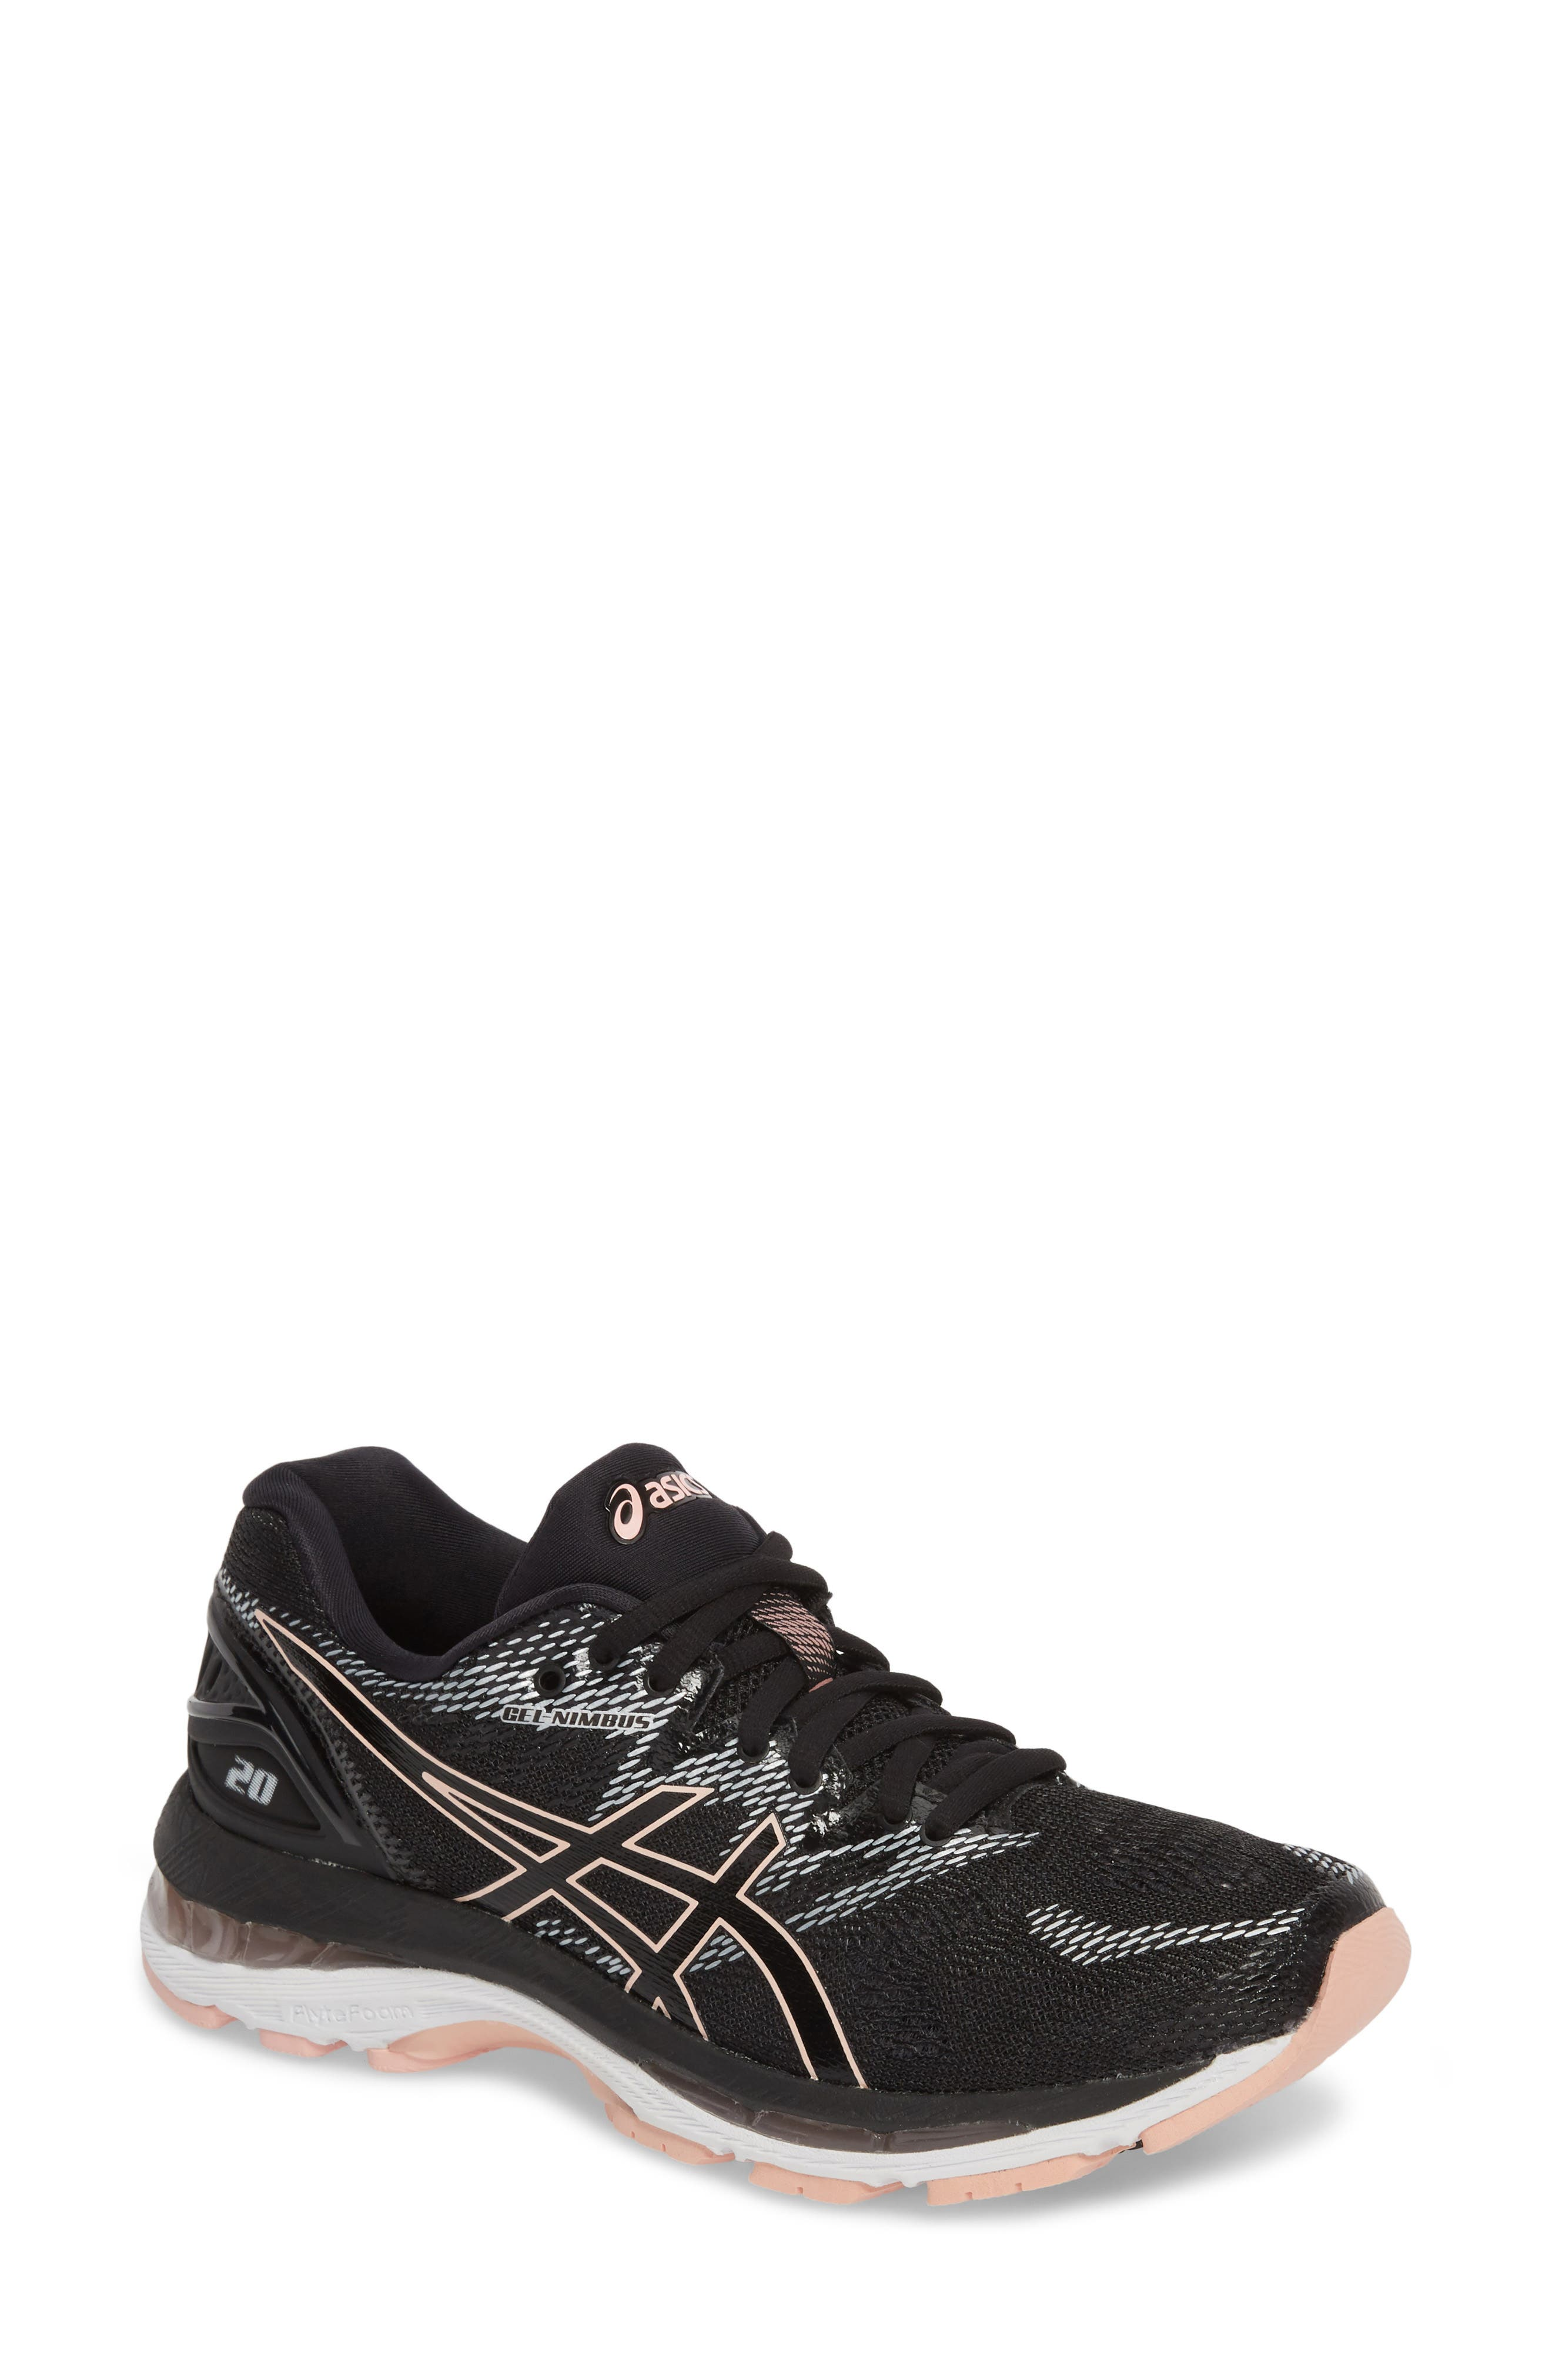 Asics Gel-Nimbus 20 Running Shoe, Black